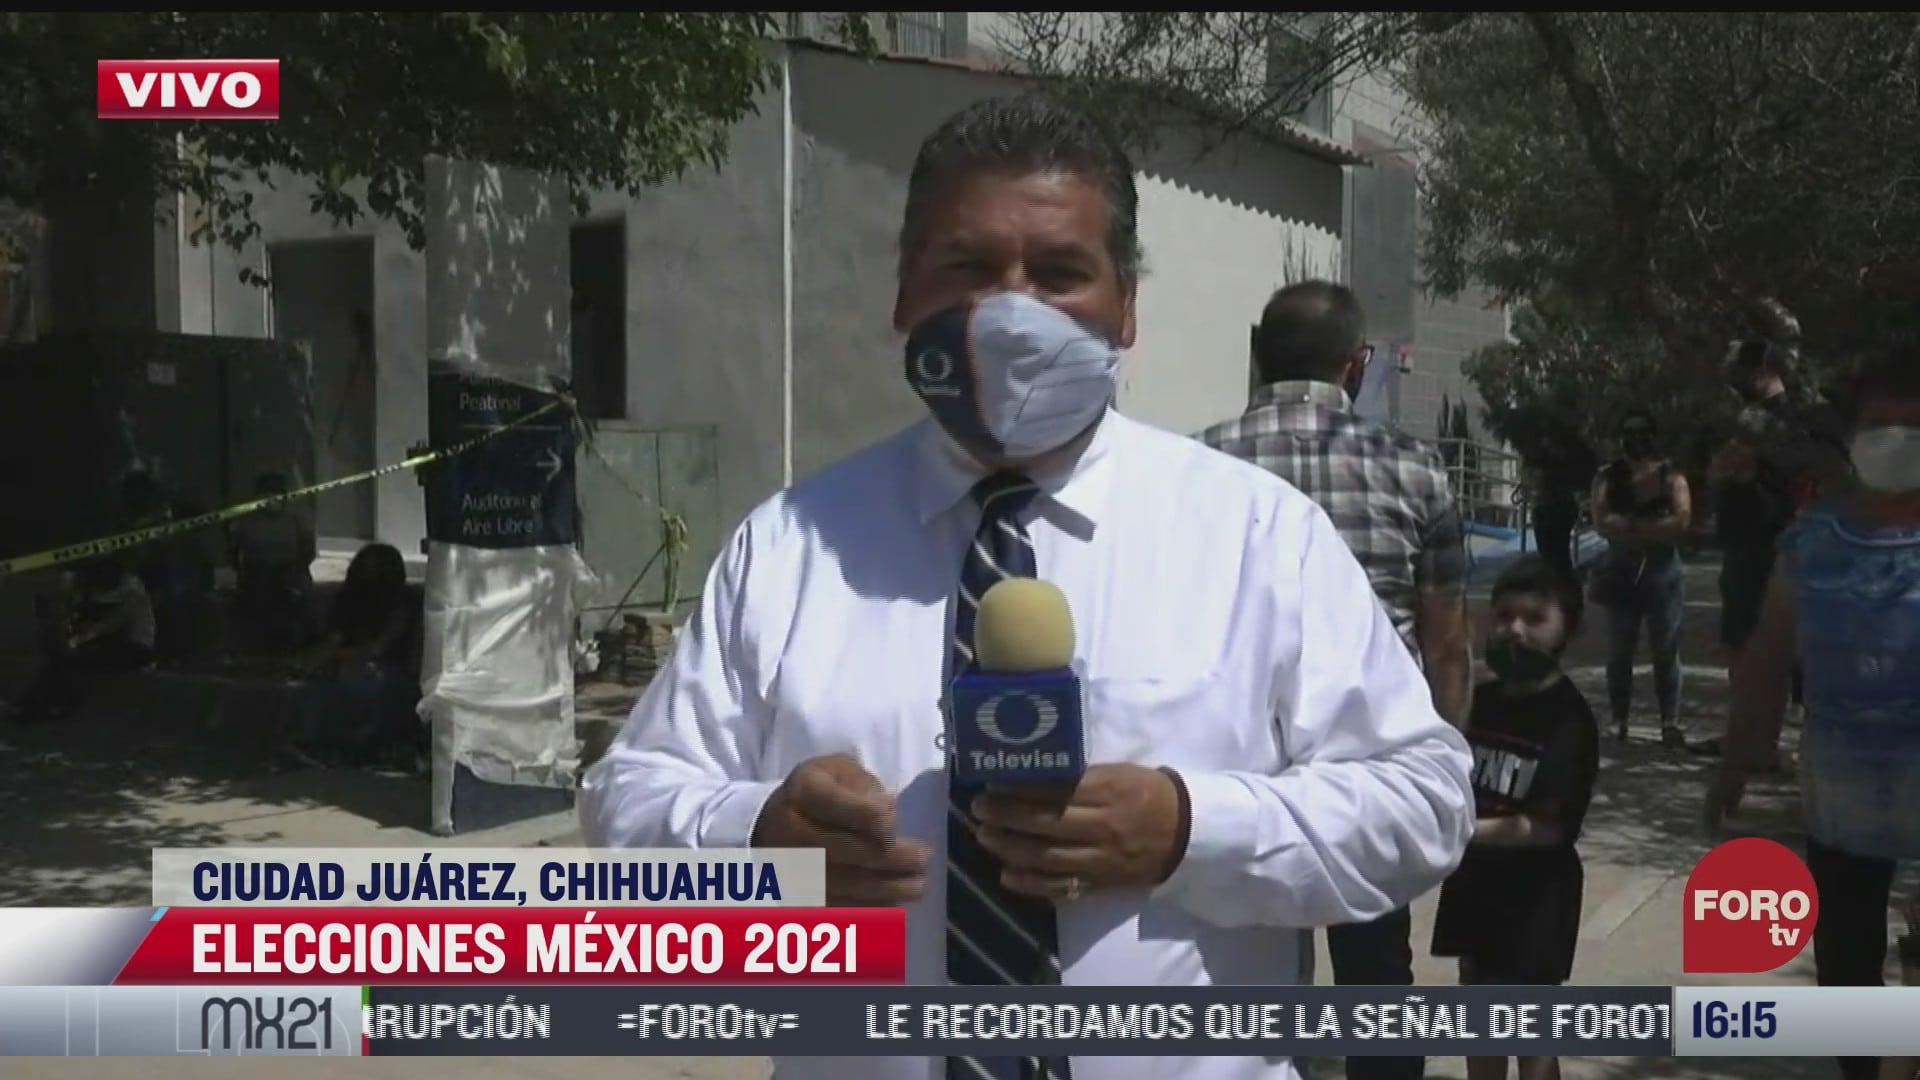 ciudad juarez instala el total de casillas reportan autoridades